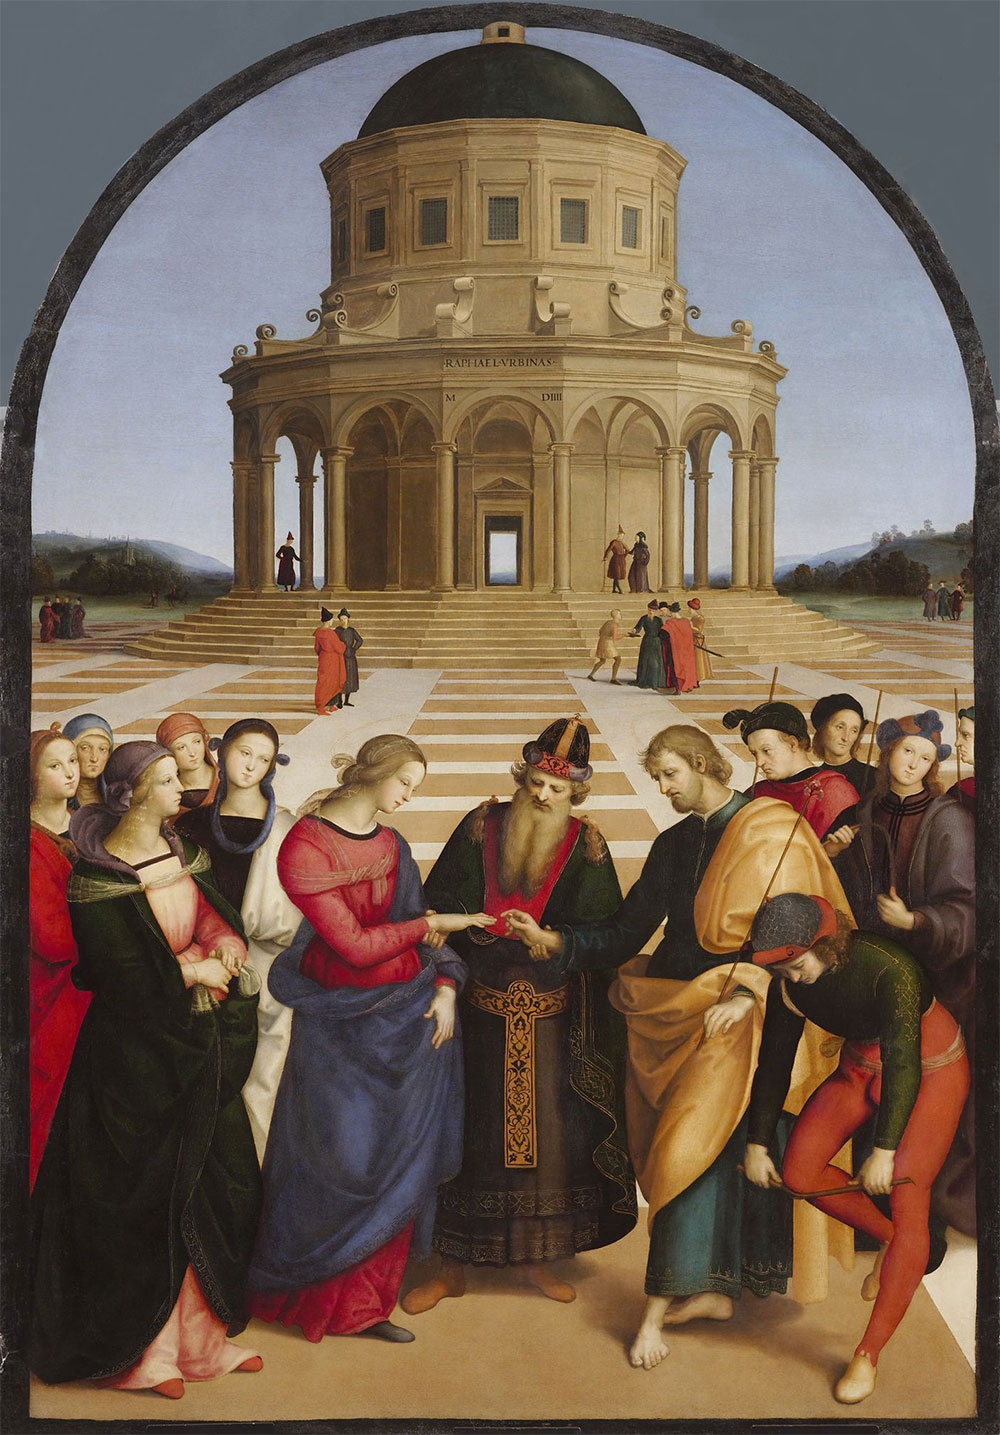 Рафаэль Санти. «Обручение Девы Марии». 1504 год. Иосиф надевает обручальное кольцо на правую руку Марии.